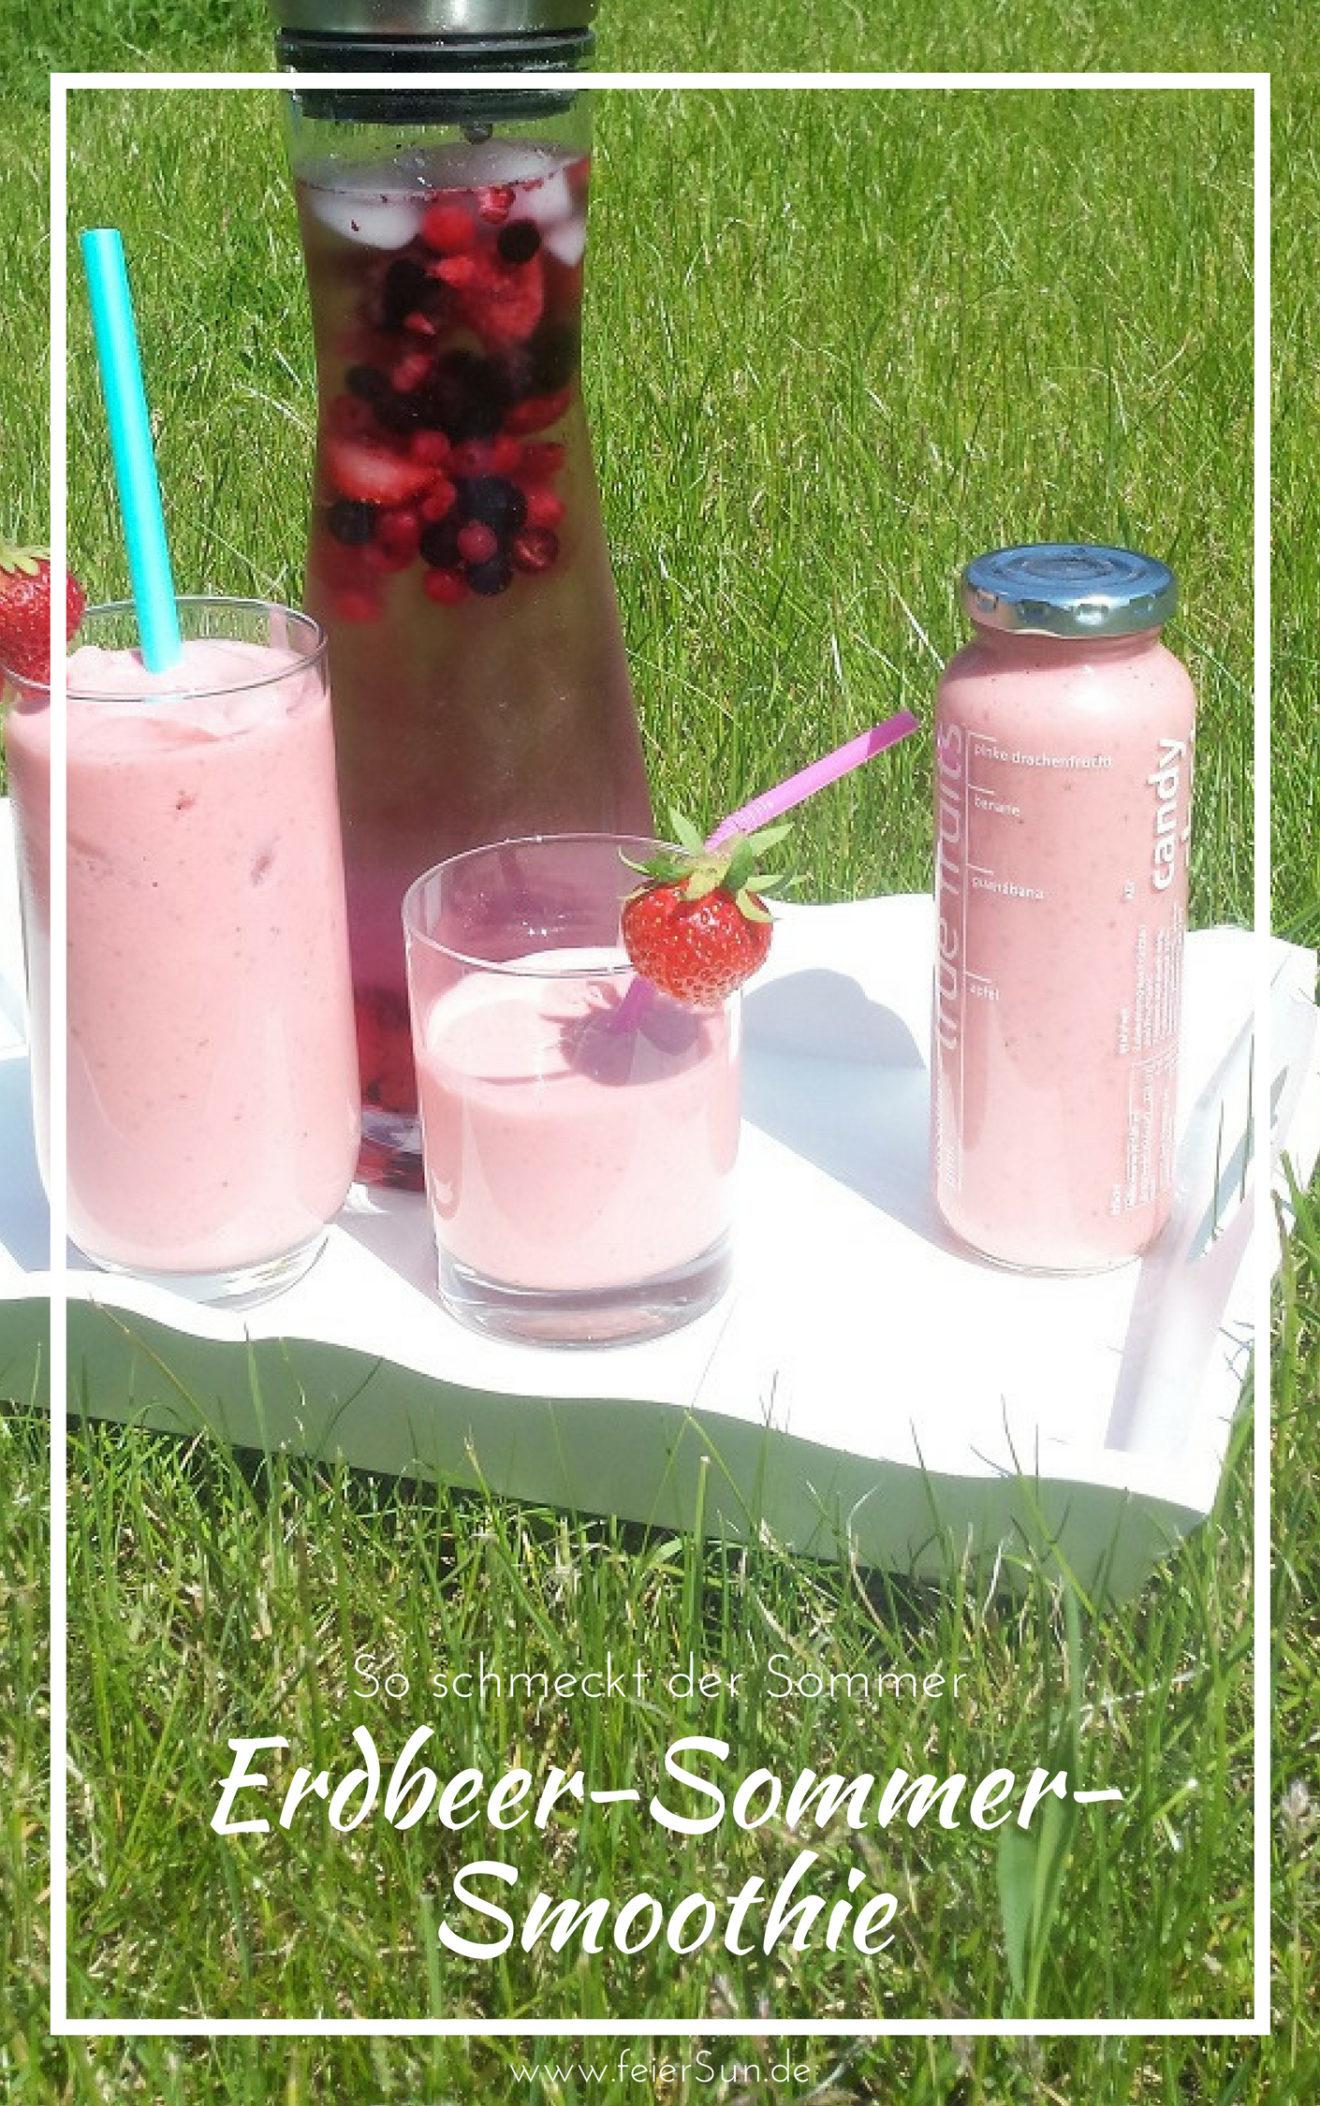 Der leckere Erdbeer-Sommer-Smoothie steht in seiner rosa-Farbe angerichtet auf einem weißen Tablet auf einer grünen Wiese.Ein kleines und ein großes Glas sind trinkbereit mit Eis und Strohhalm und Erdbeere angerichtet. Eine Portion wartet in einer Flasche als Smoothie to go.